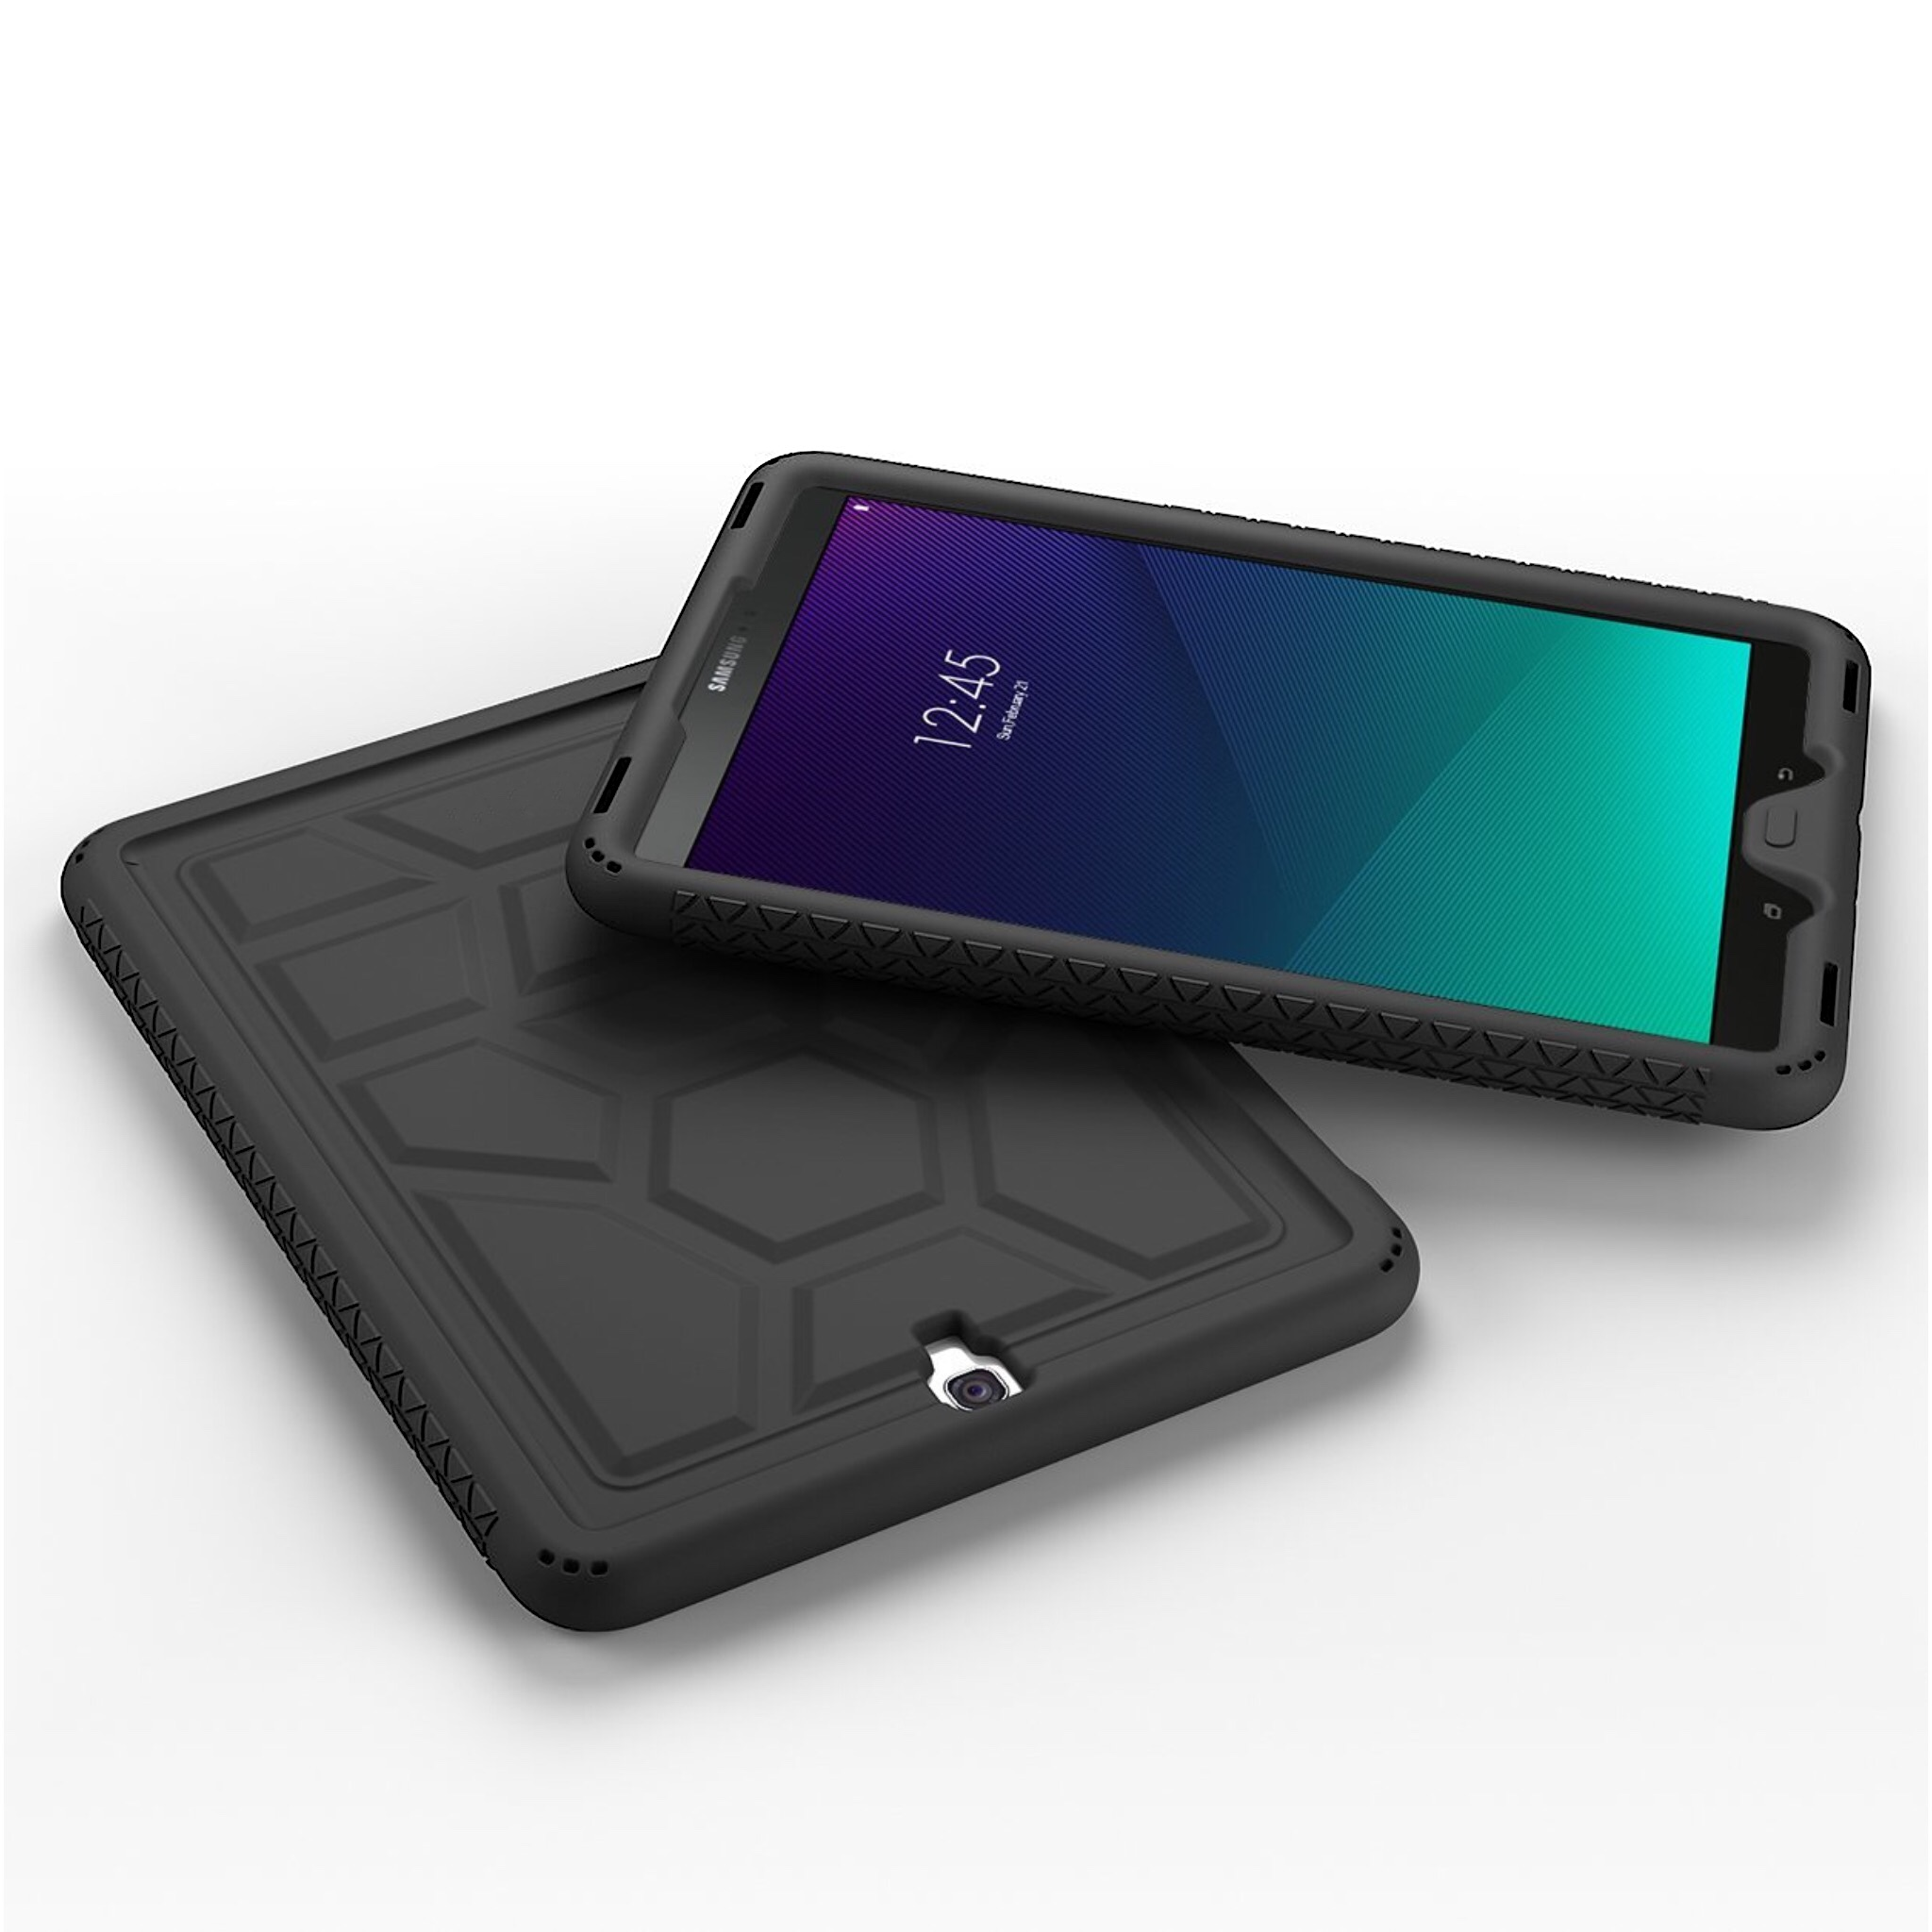 Coque Galaxy TAB S3 9.7 pouces Silicone renforce Premium Noir